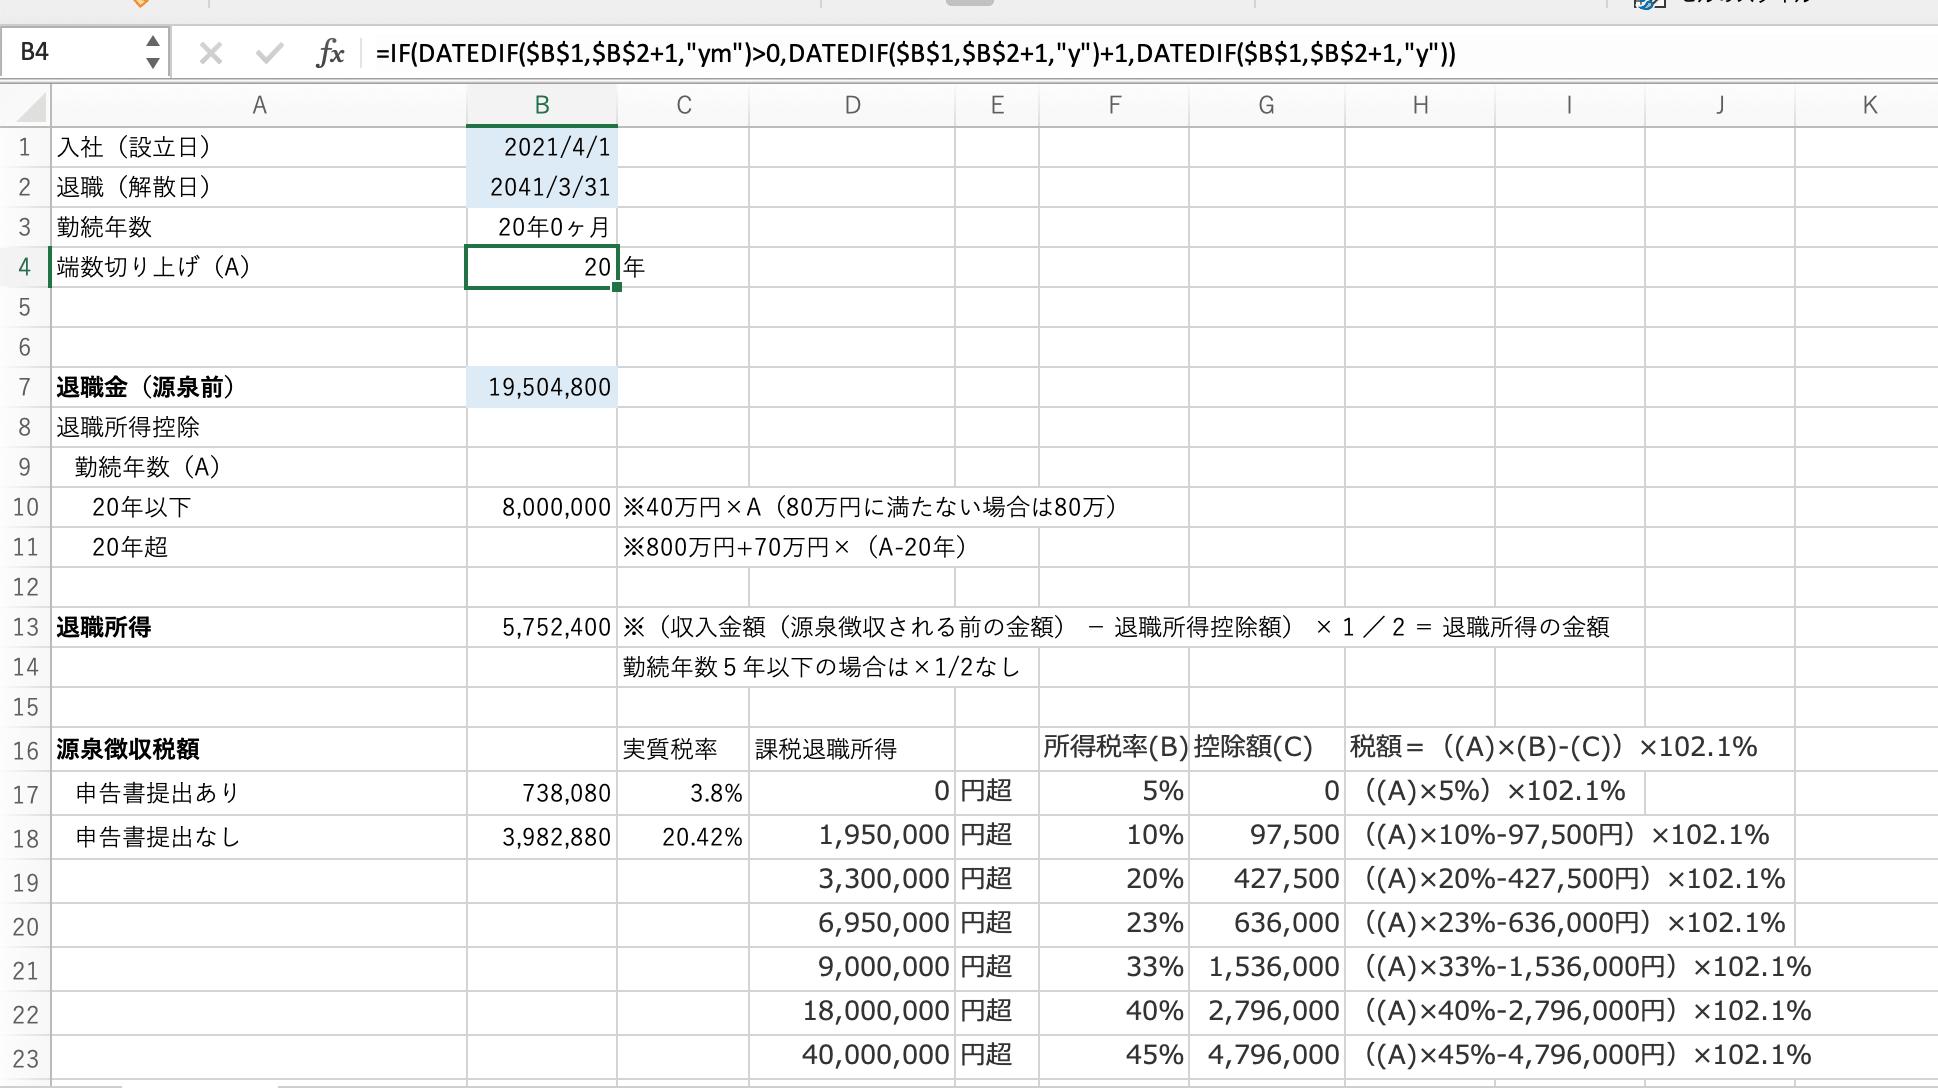 小規模企業共済を20年払った場合の退職所得と税金